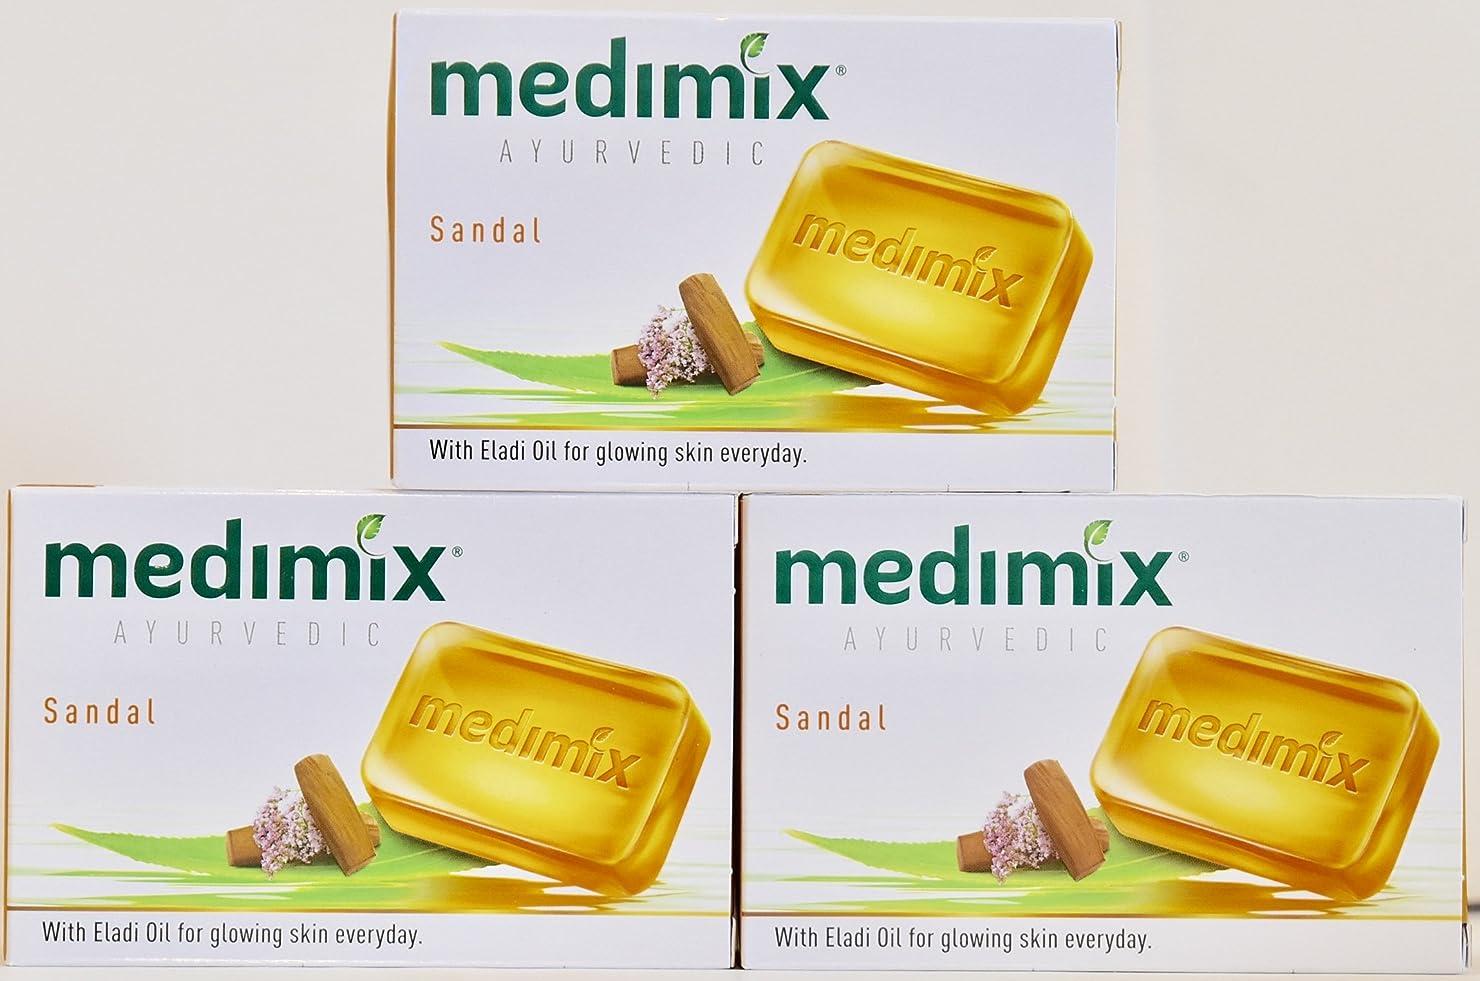 住むライム歩き回るmedimix メディミックス サンダル 3個入り 125g(旧クラシックオレンジ)